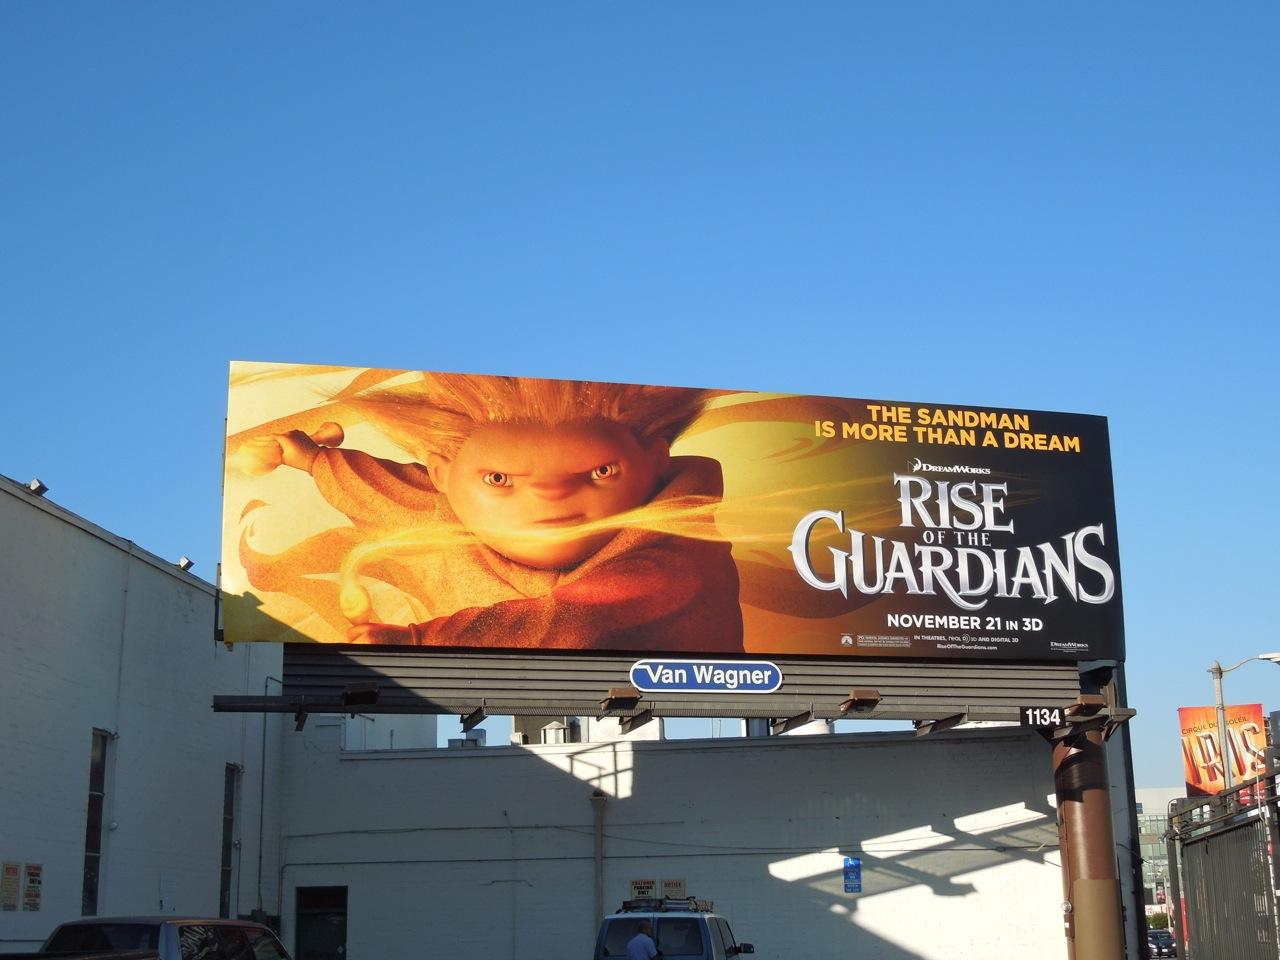 http://4.bp.blogspot.com/-7QxIQyq1EOw/UJlkRZwkihI/AAAAAAAA3iM/lyslXFwYS3U/s1600/sandman+guardians+billboard.jpg